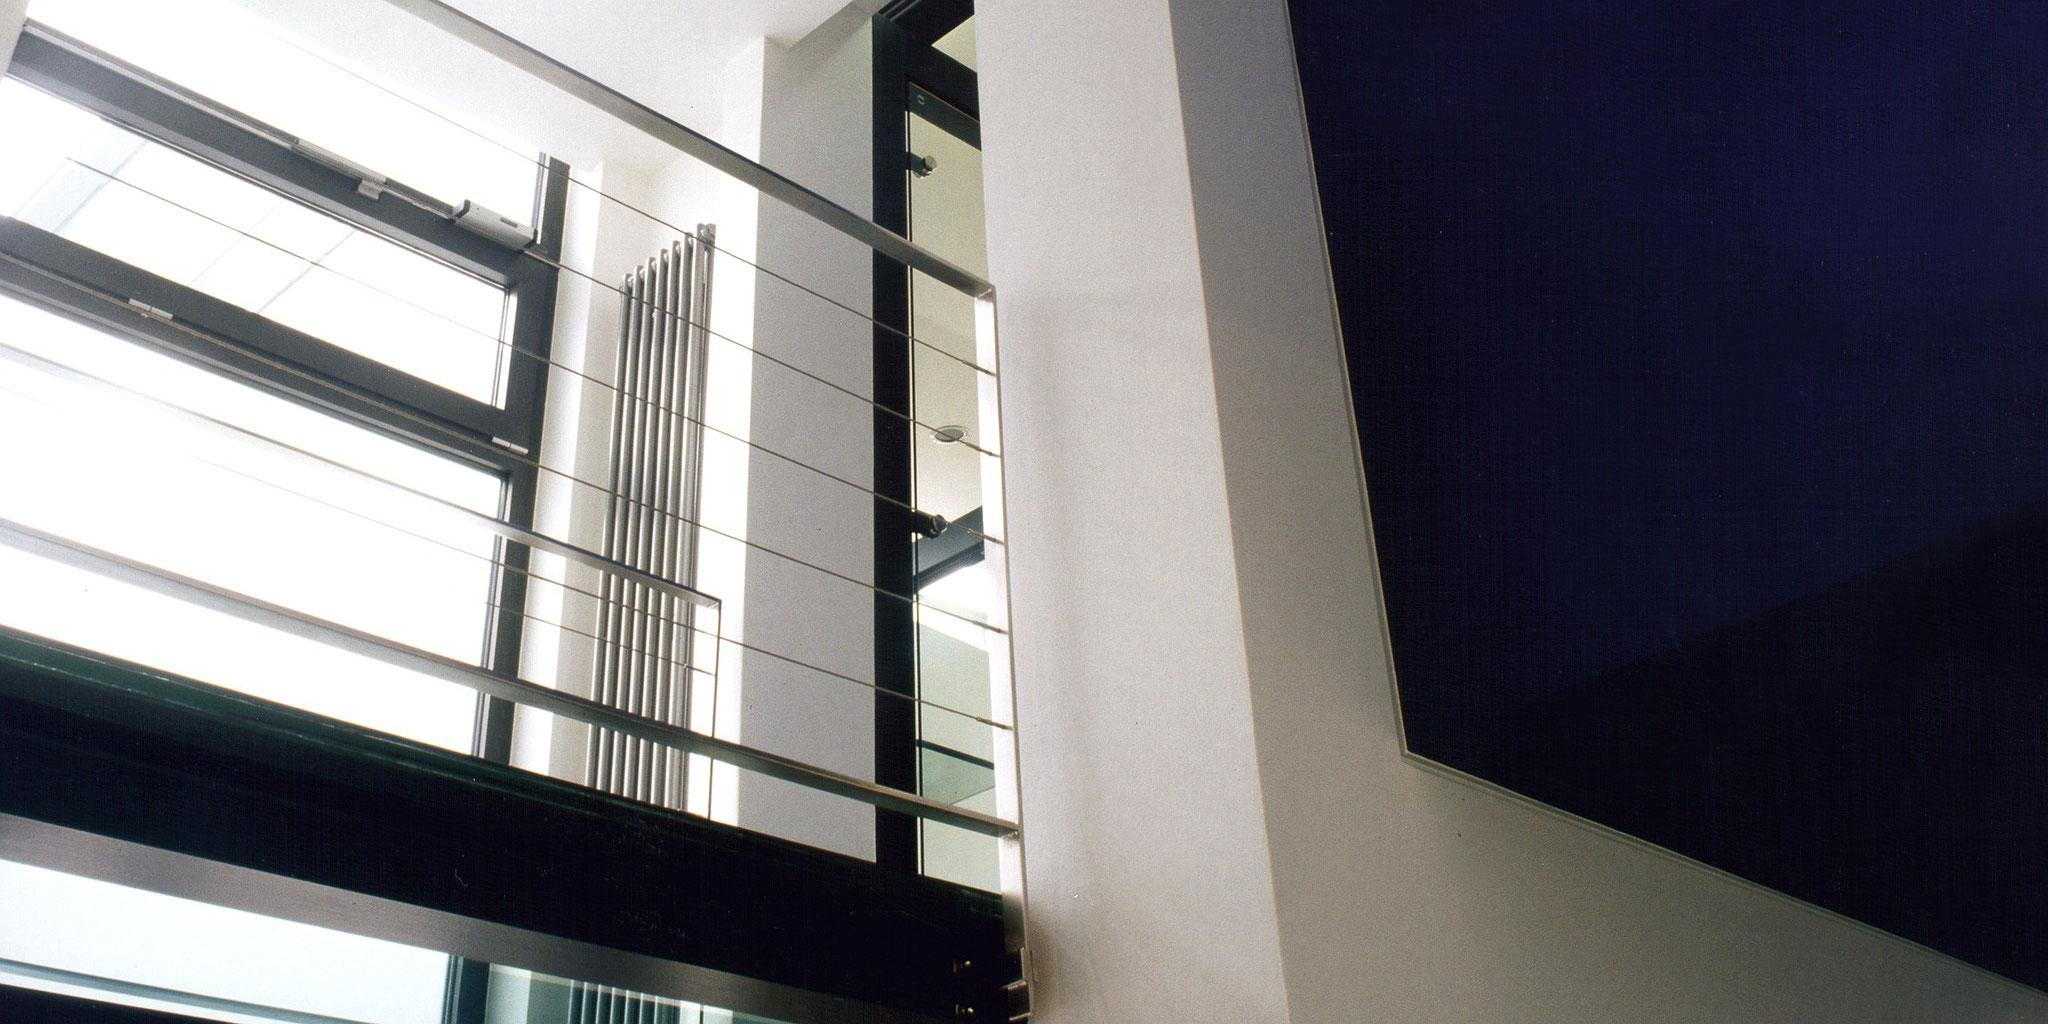 Architekten Frankfurt – Um- und Anbau Wohnhaus in Frankfurt Niederrad, Architekturbüro Frick.Reichert Architekten